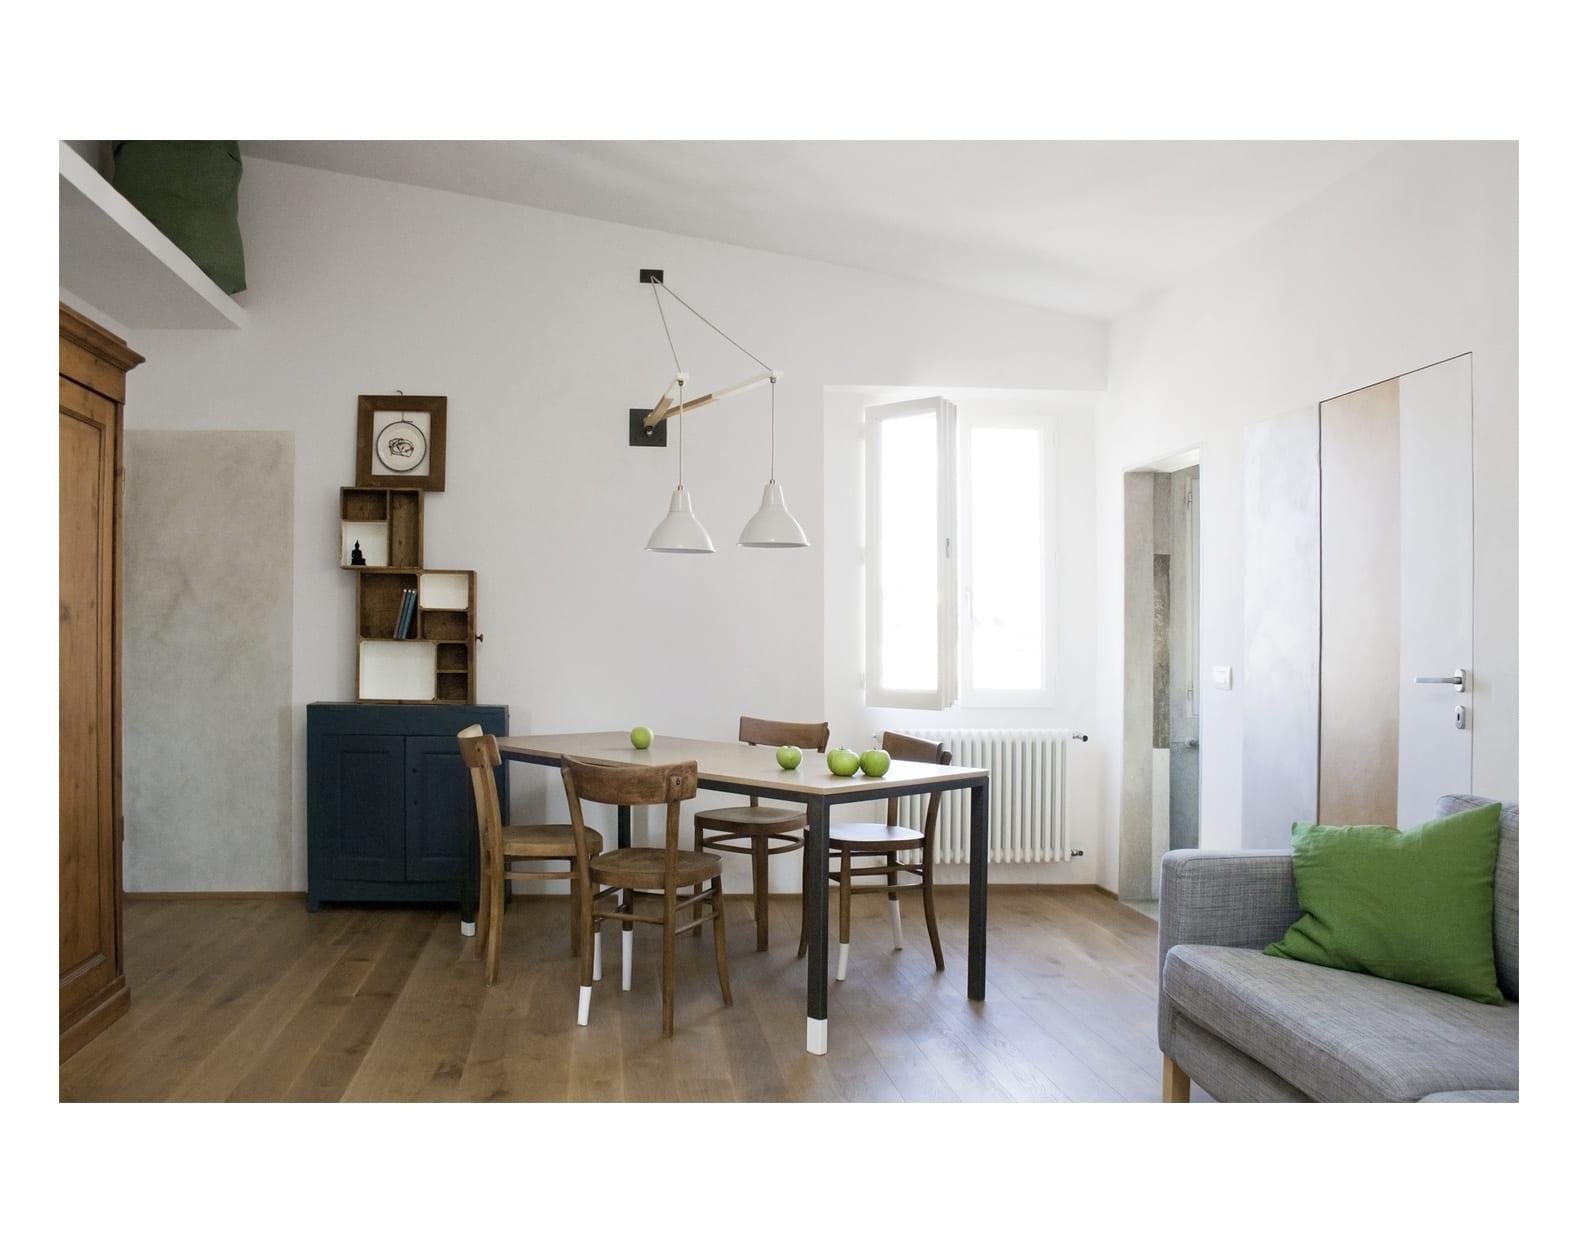 Domestica Interior Design.Lorenzo Tognocchi Domestica Divisare